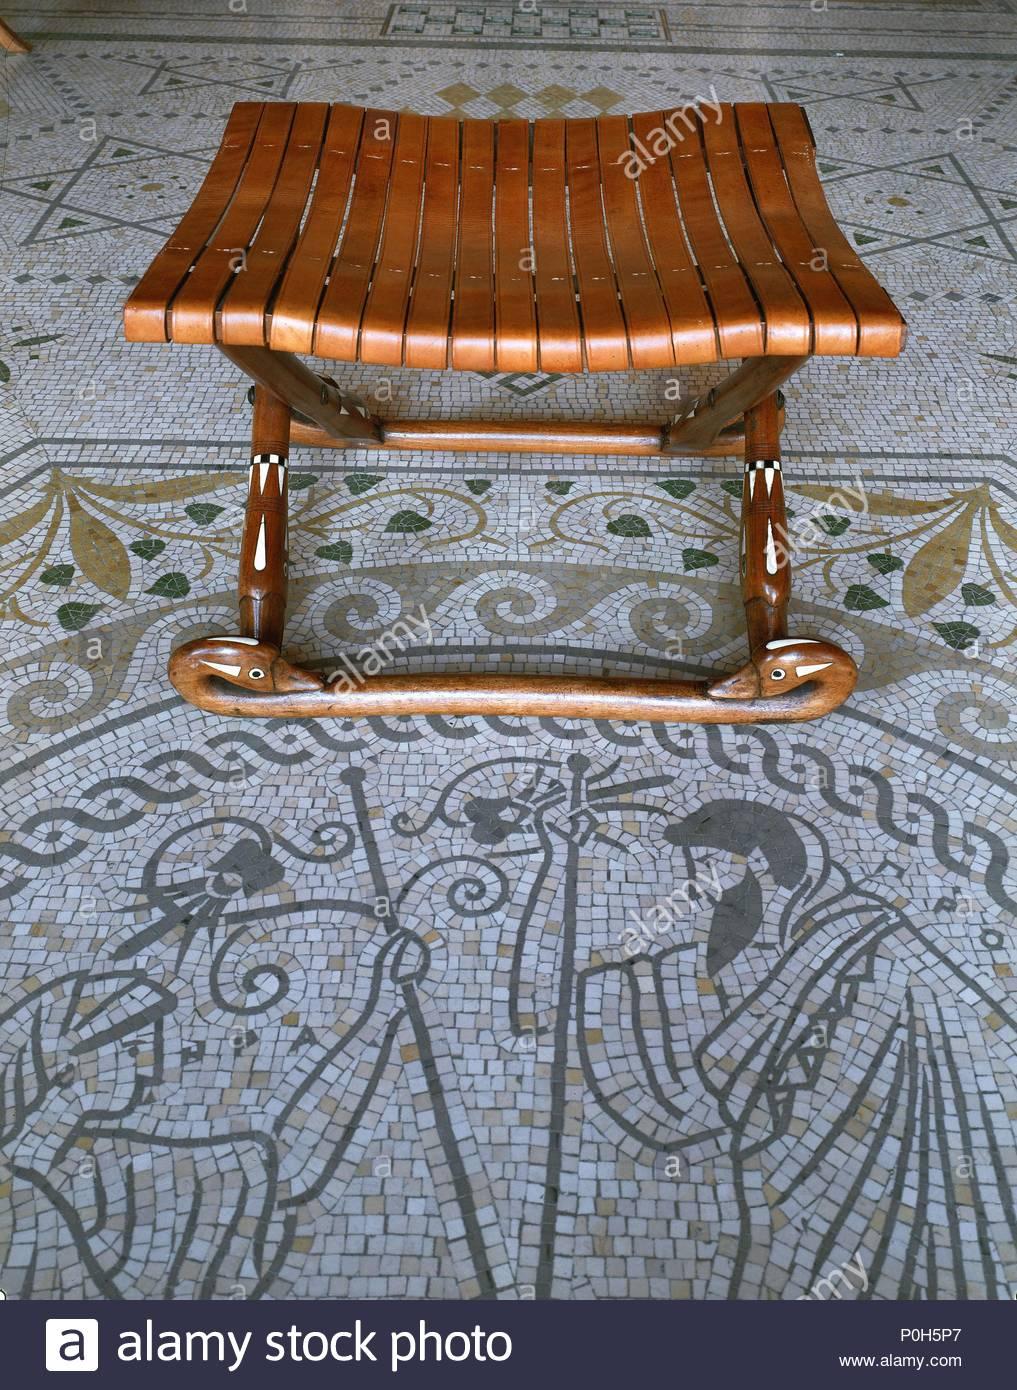 Fußbodenmosaik Und Hocker Bei Villa Kerylos, Modell Eines Griechischen  Villa Um 450 V. Chr